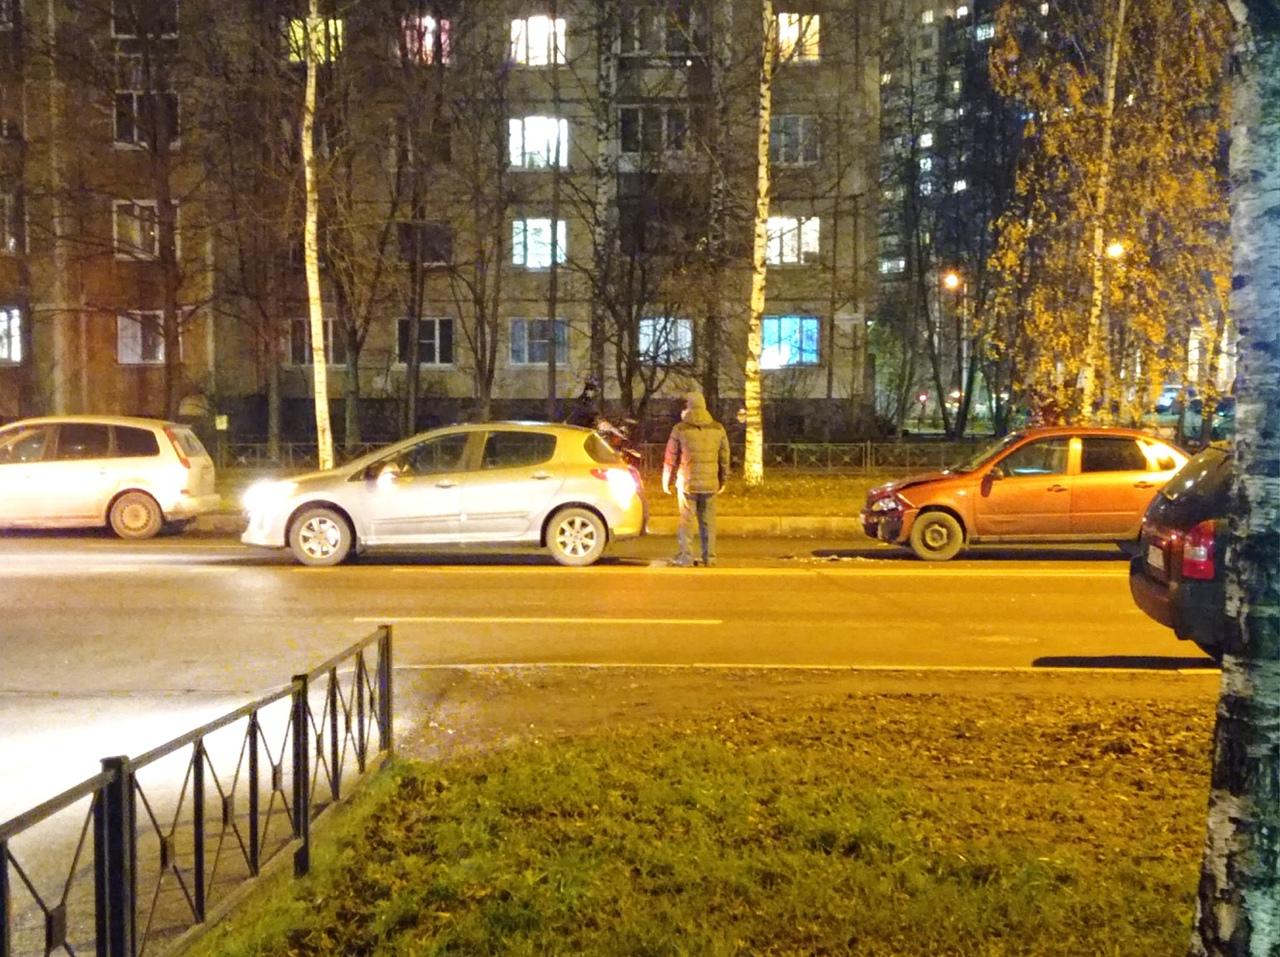 На Ударников , близ Пятерочки , сударь на красном авто, влетел в задний бампер впереди стоящей машин...